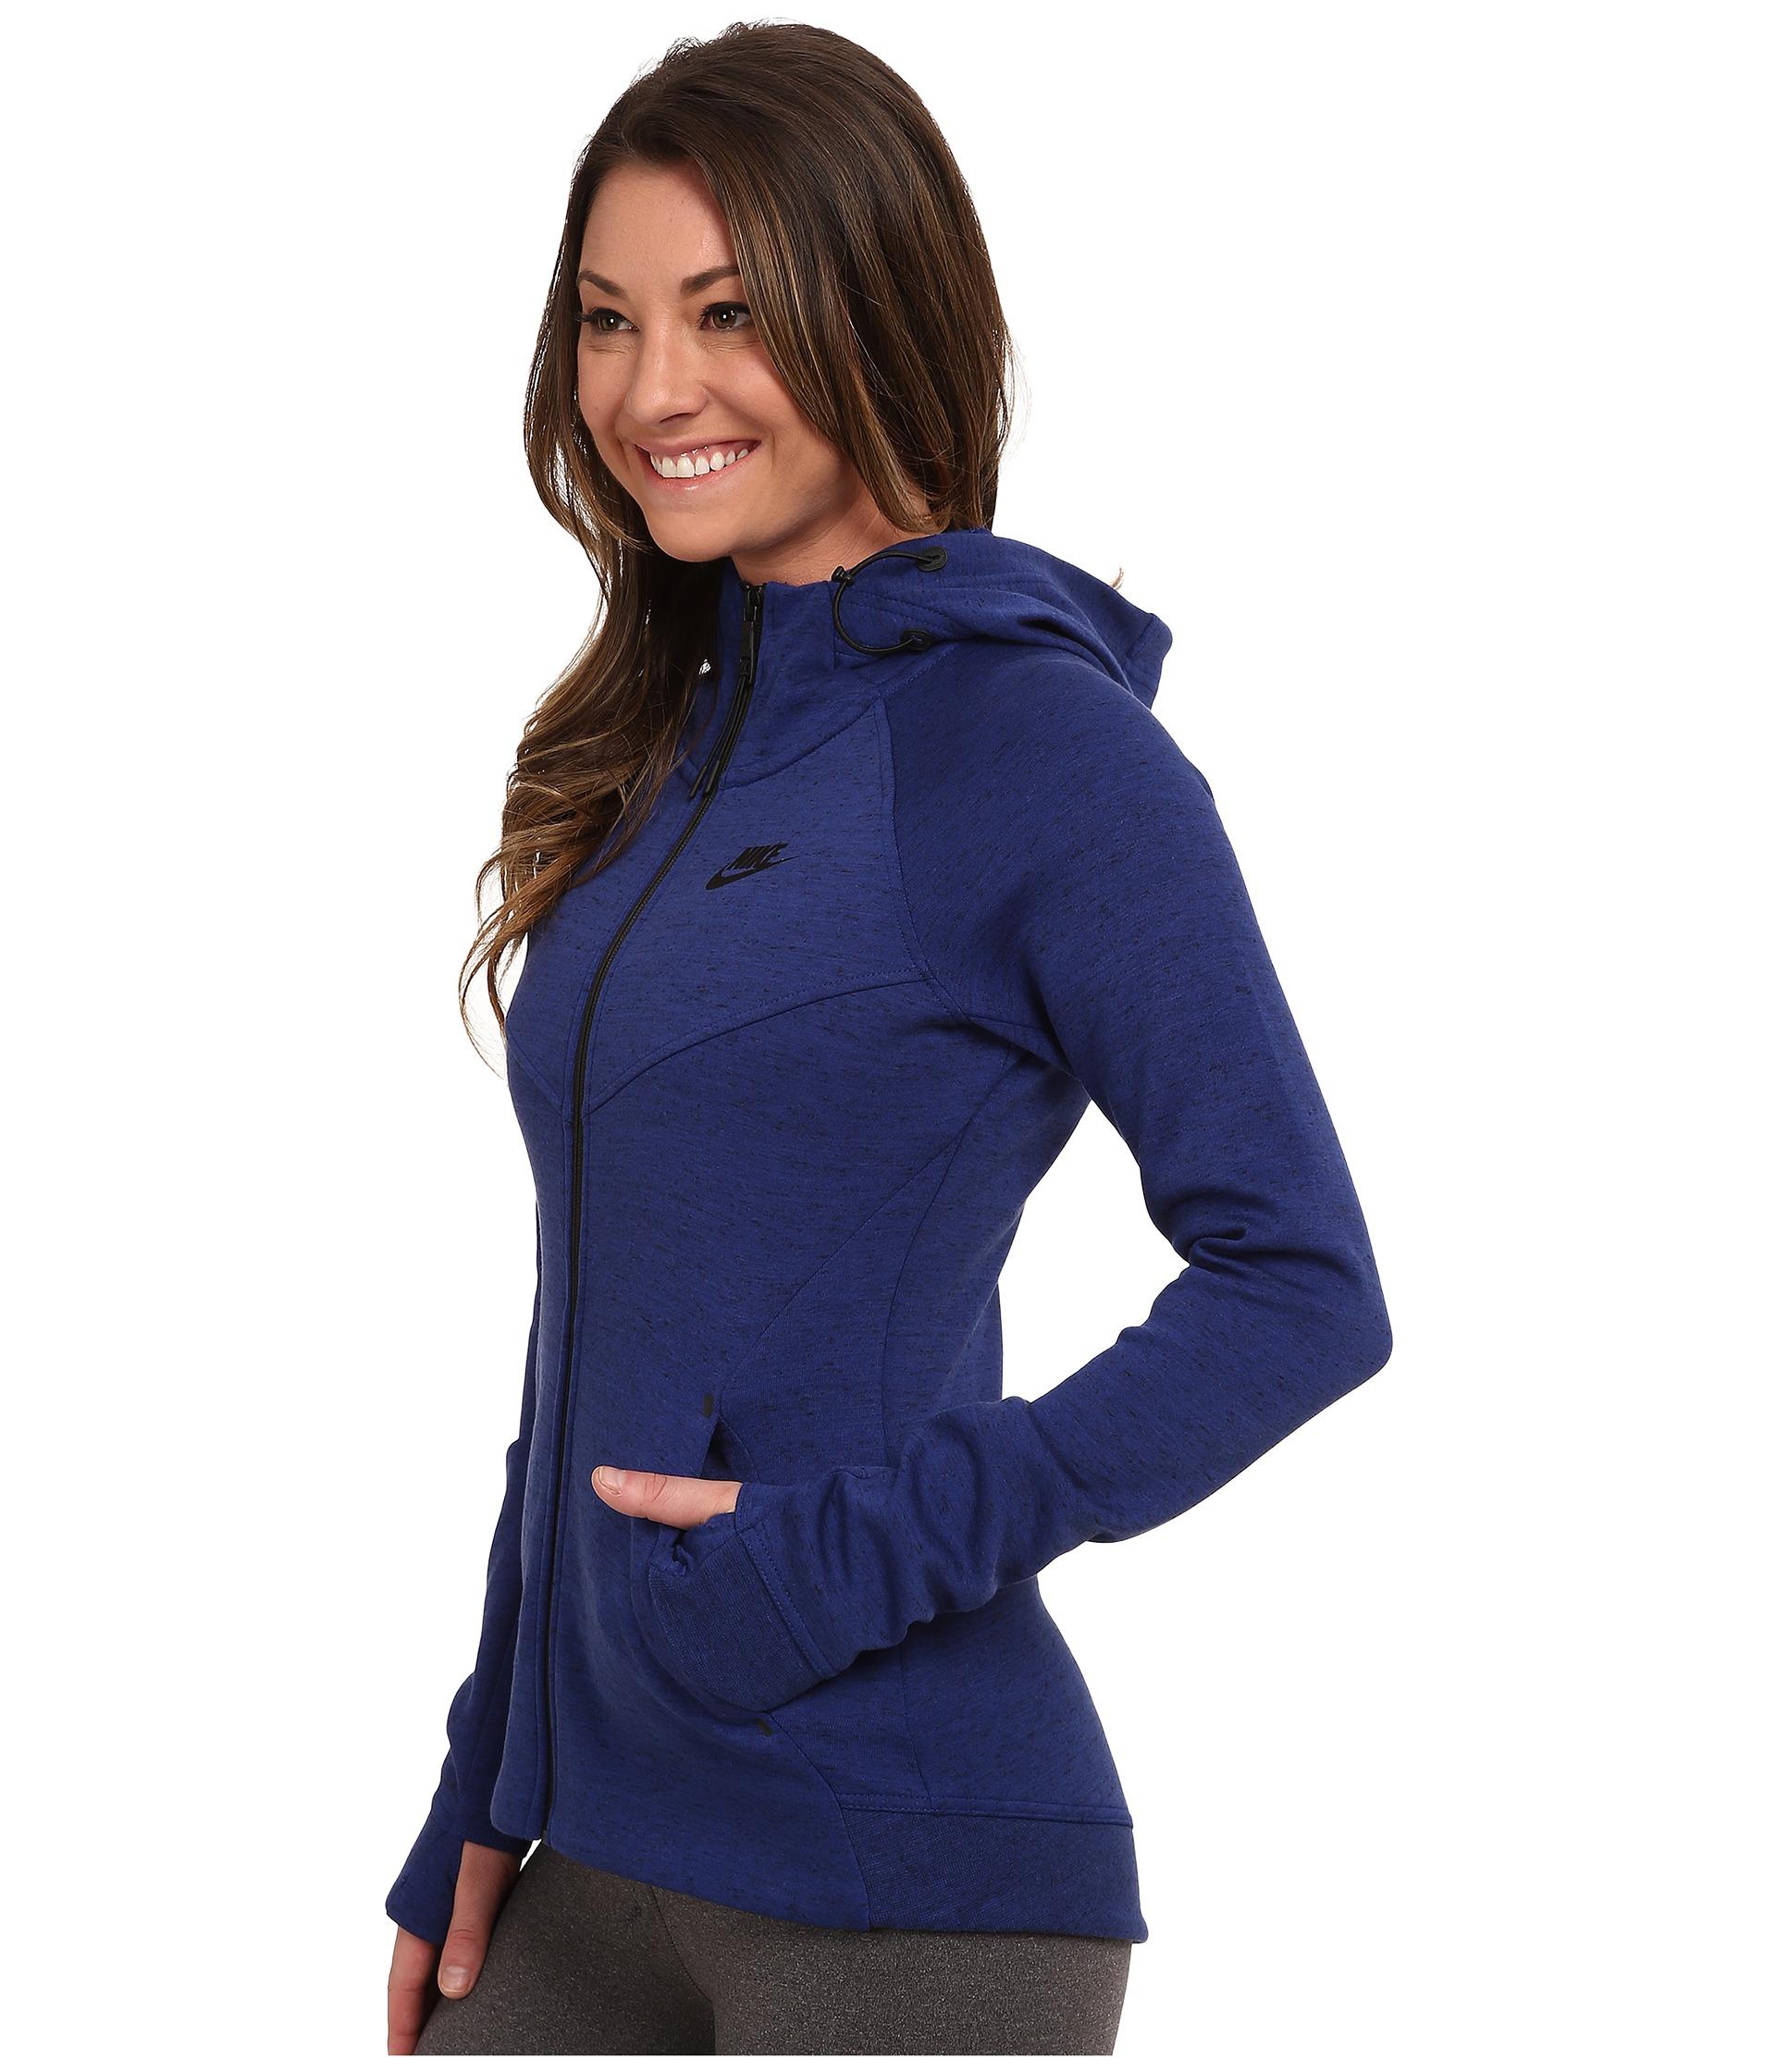 ae84bff7e693 Lyst - Nike Tech Fleece Full-zip Hoodie in Blue